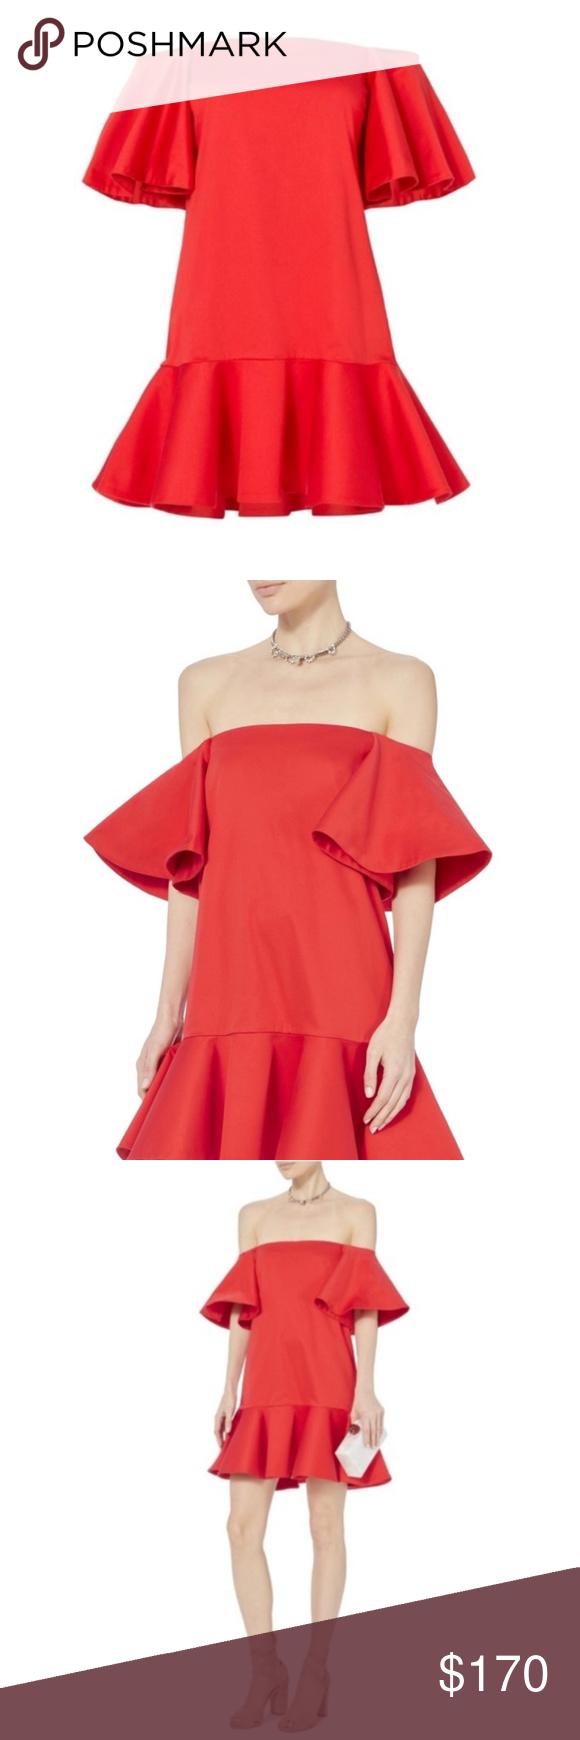 a35980d0fb4 NWT Alexis Red Aliana Shoulder Dress M Alexis Red Aliana Off Shoulder Dress.  With a